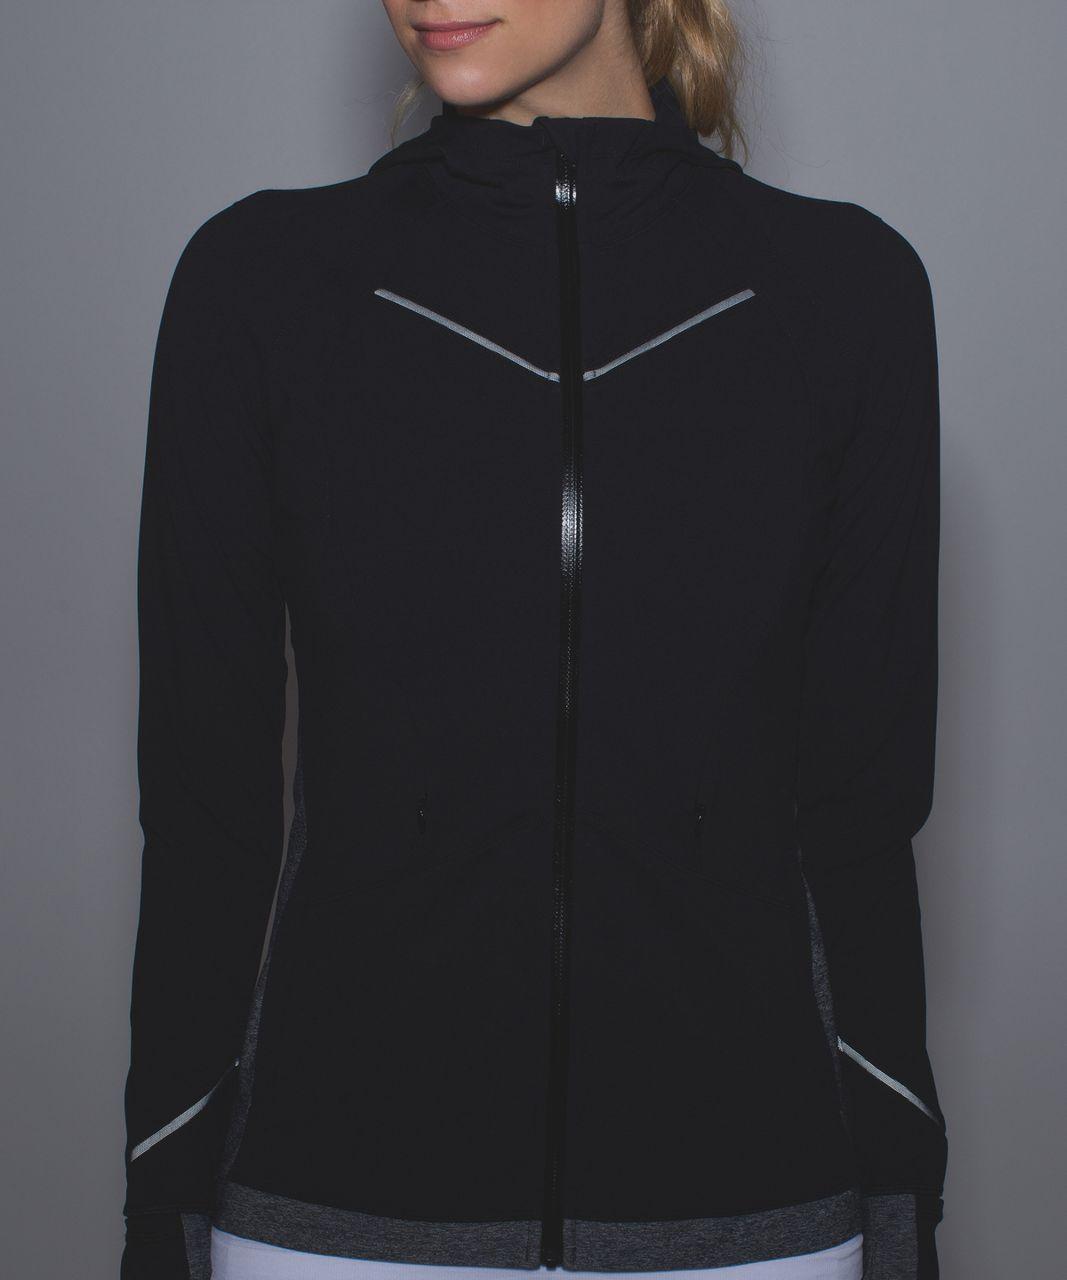 Lululemon Rain-On Train-On Jacket - Black / Heathered Black